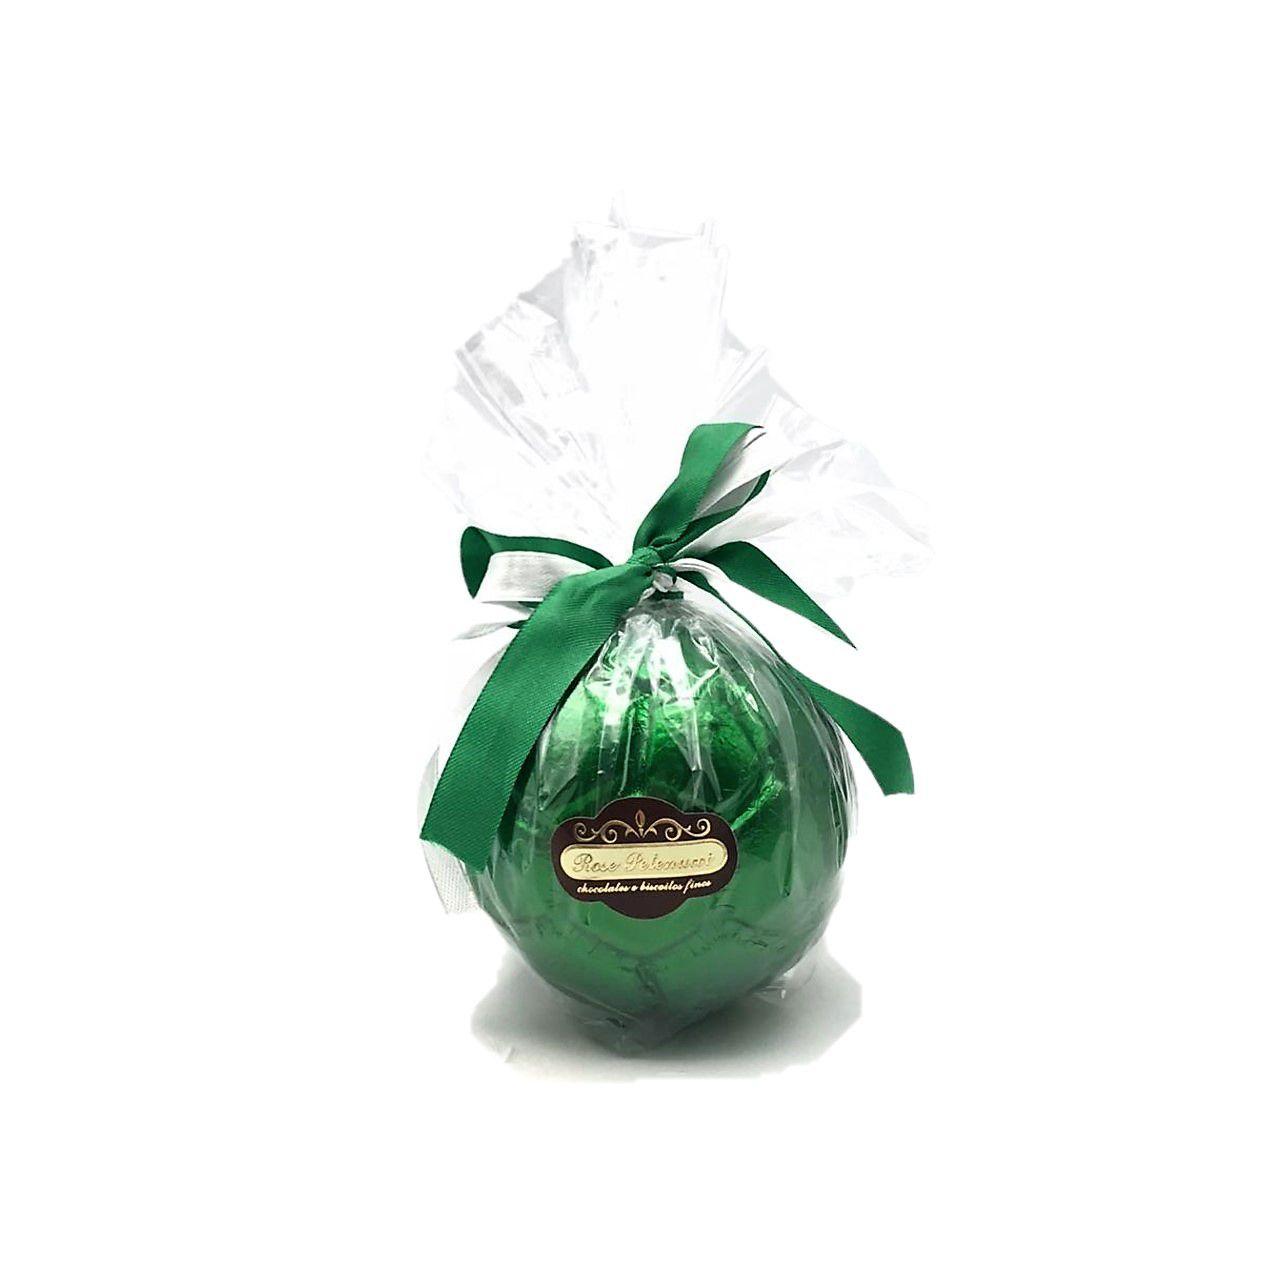 Bola de futebol de Chocolate ao Leite Grande verde